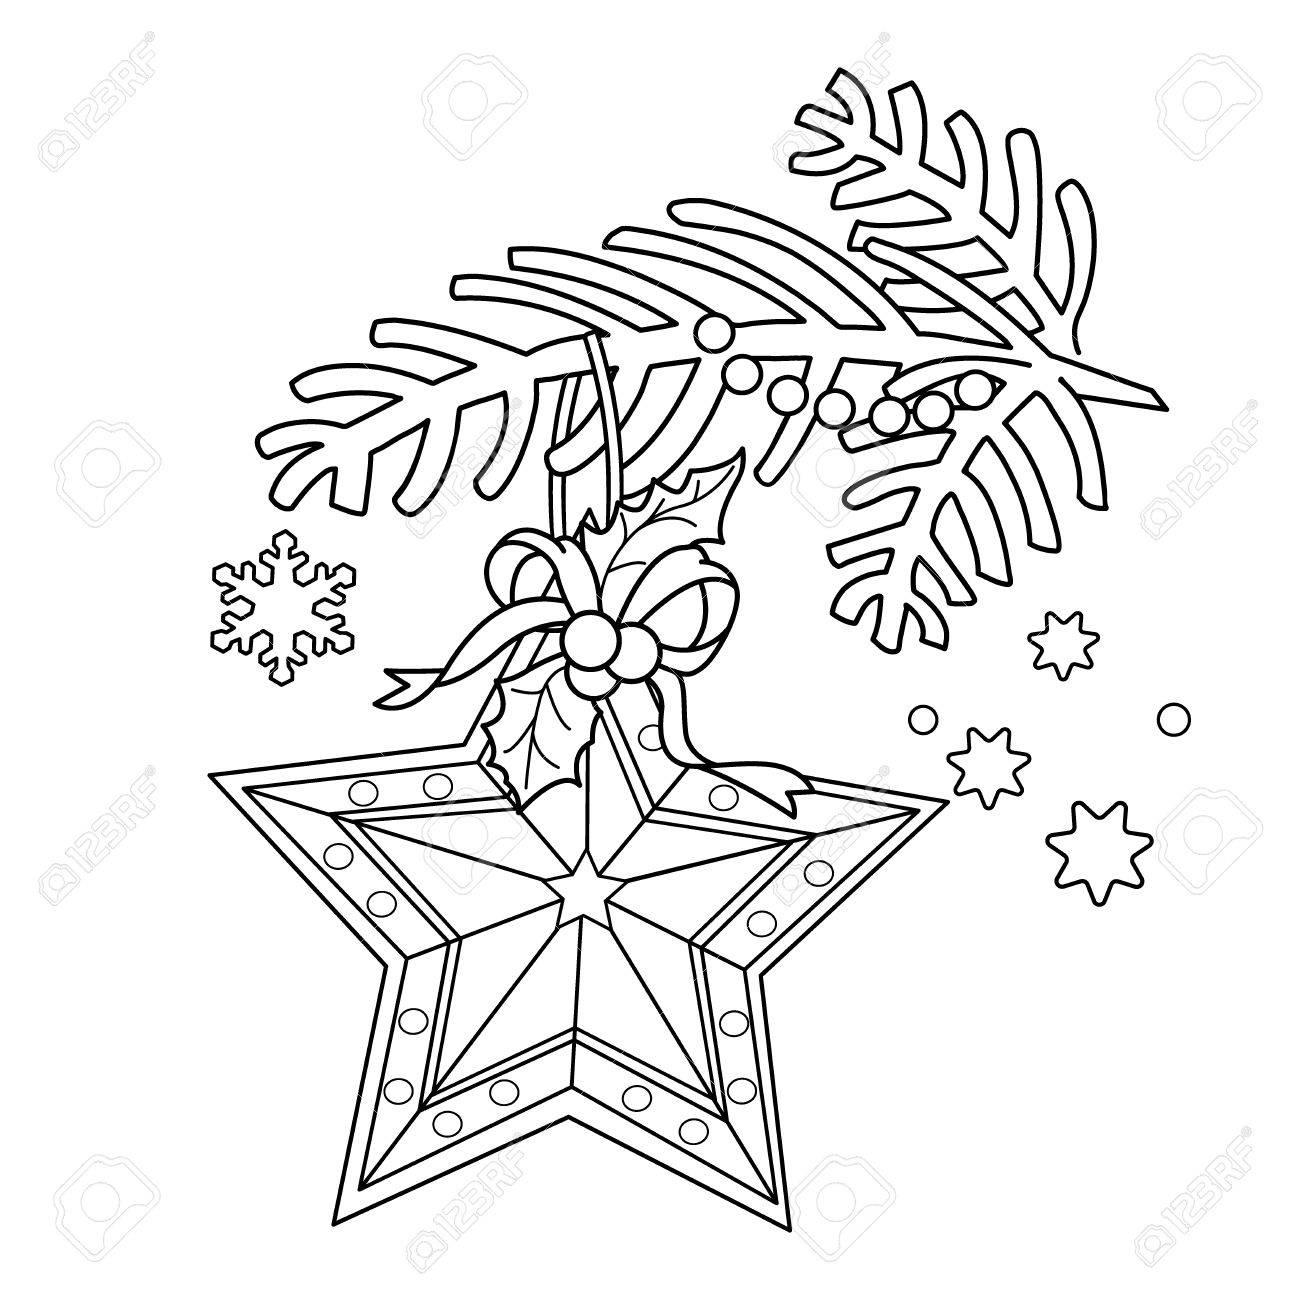 Estrellas De Navidad Para Colorear E Imprimir. Estrella Navidad With ...